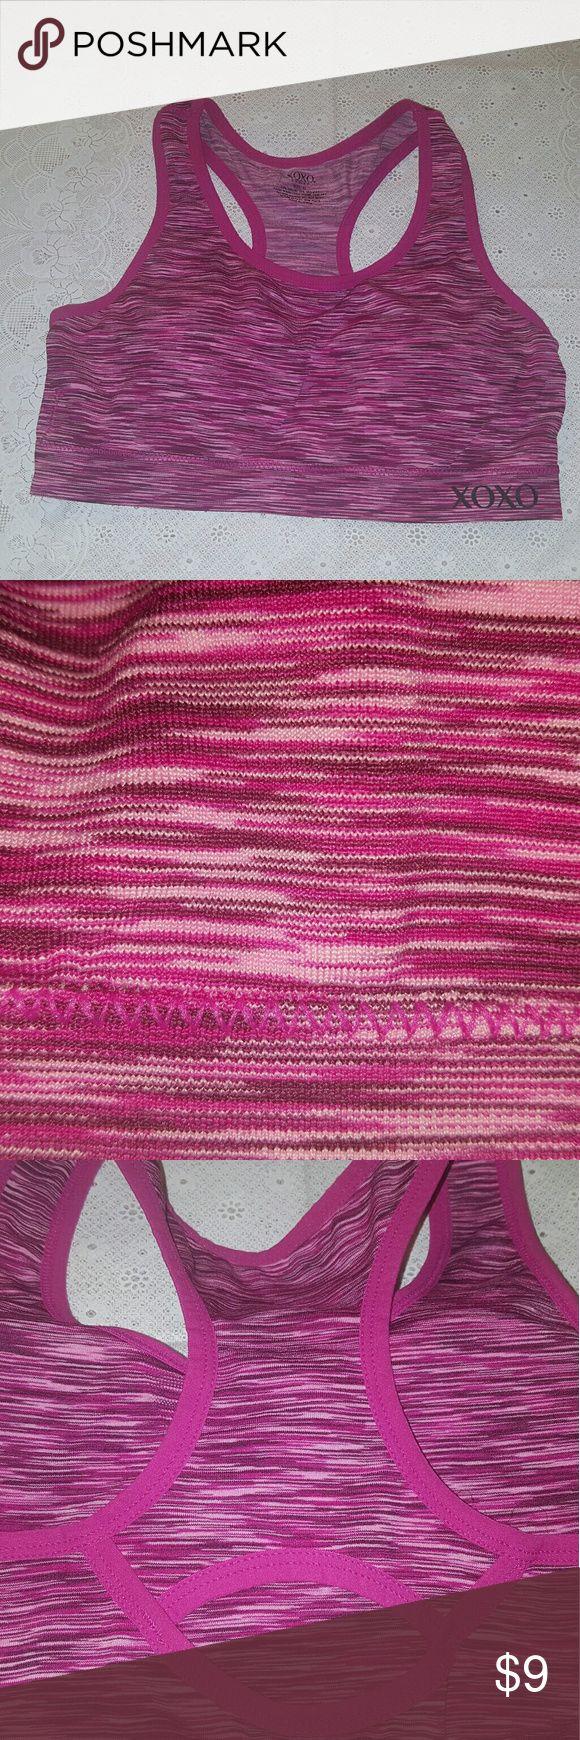 Xoxo sports bra Pink stripes sport bra XOXO Intimates & Sleepwear Bras